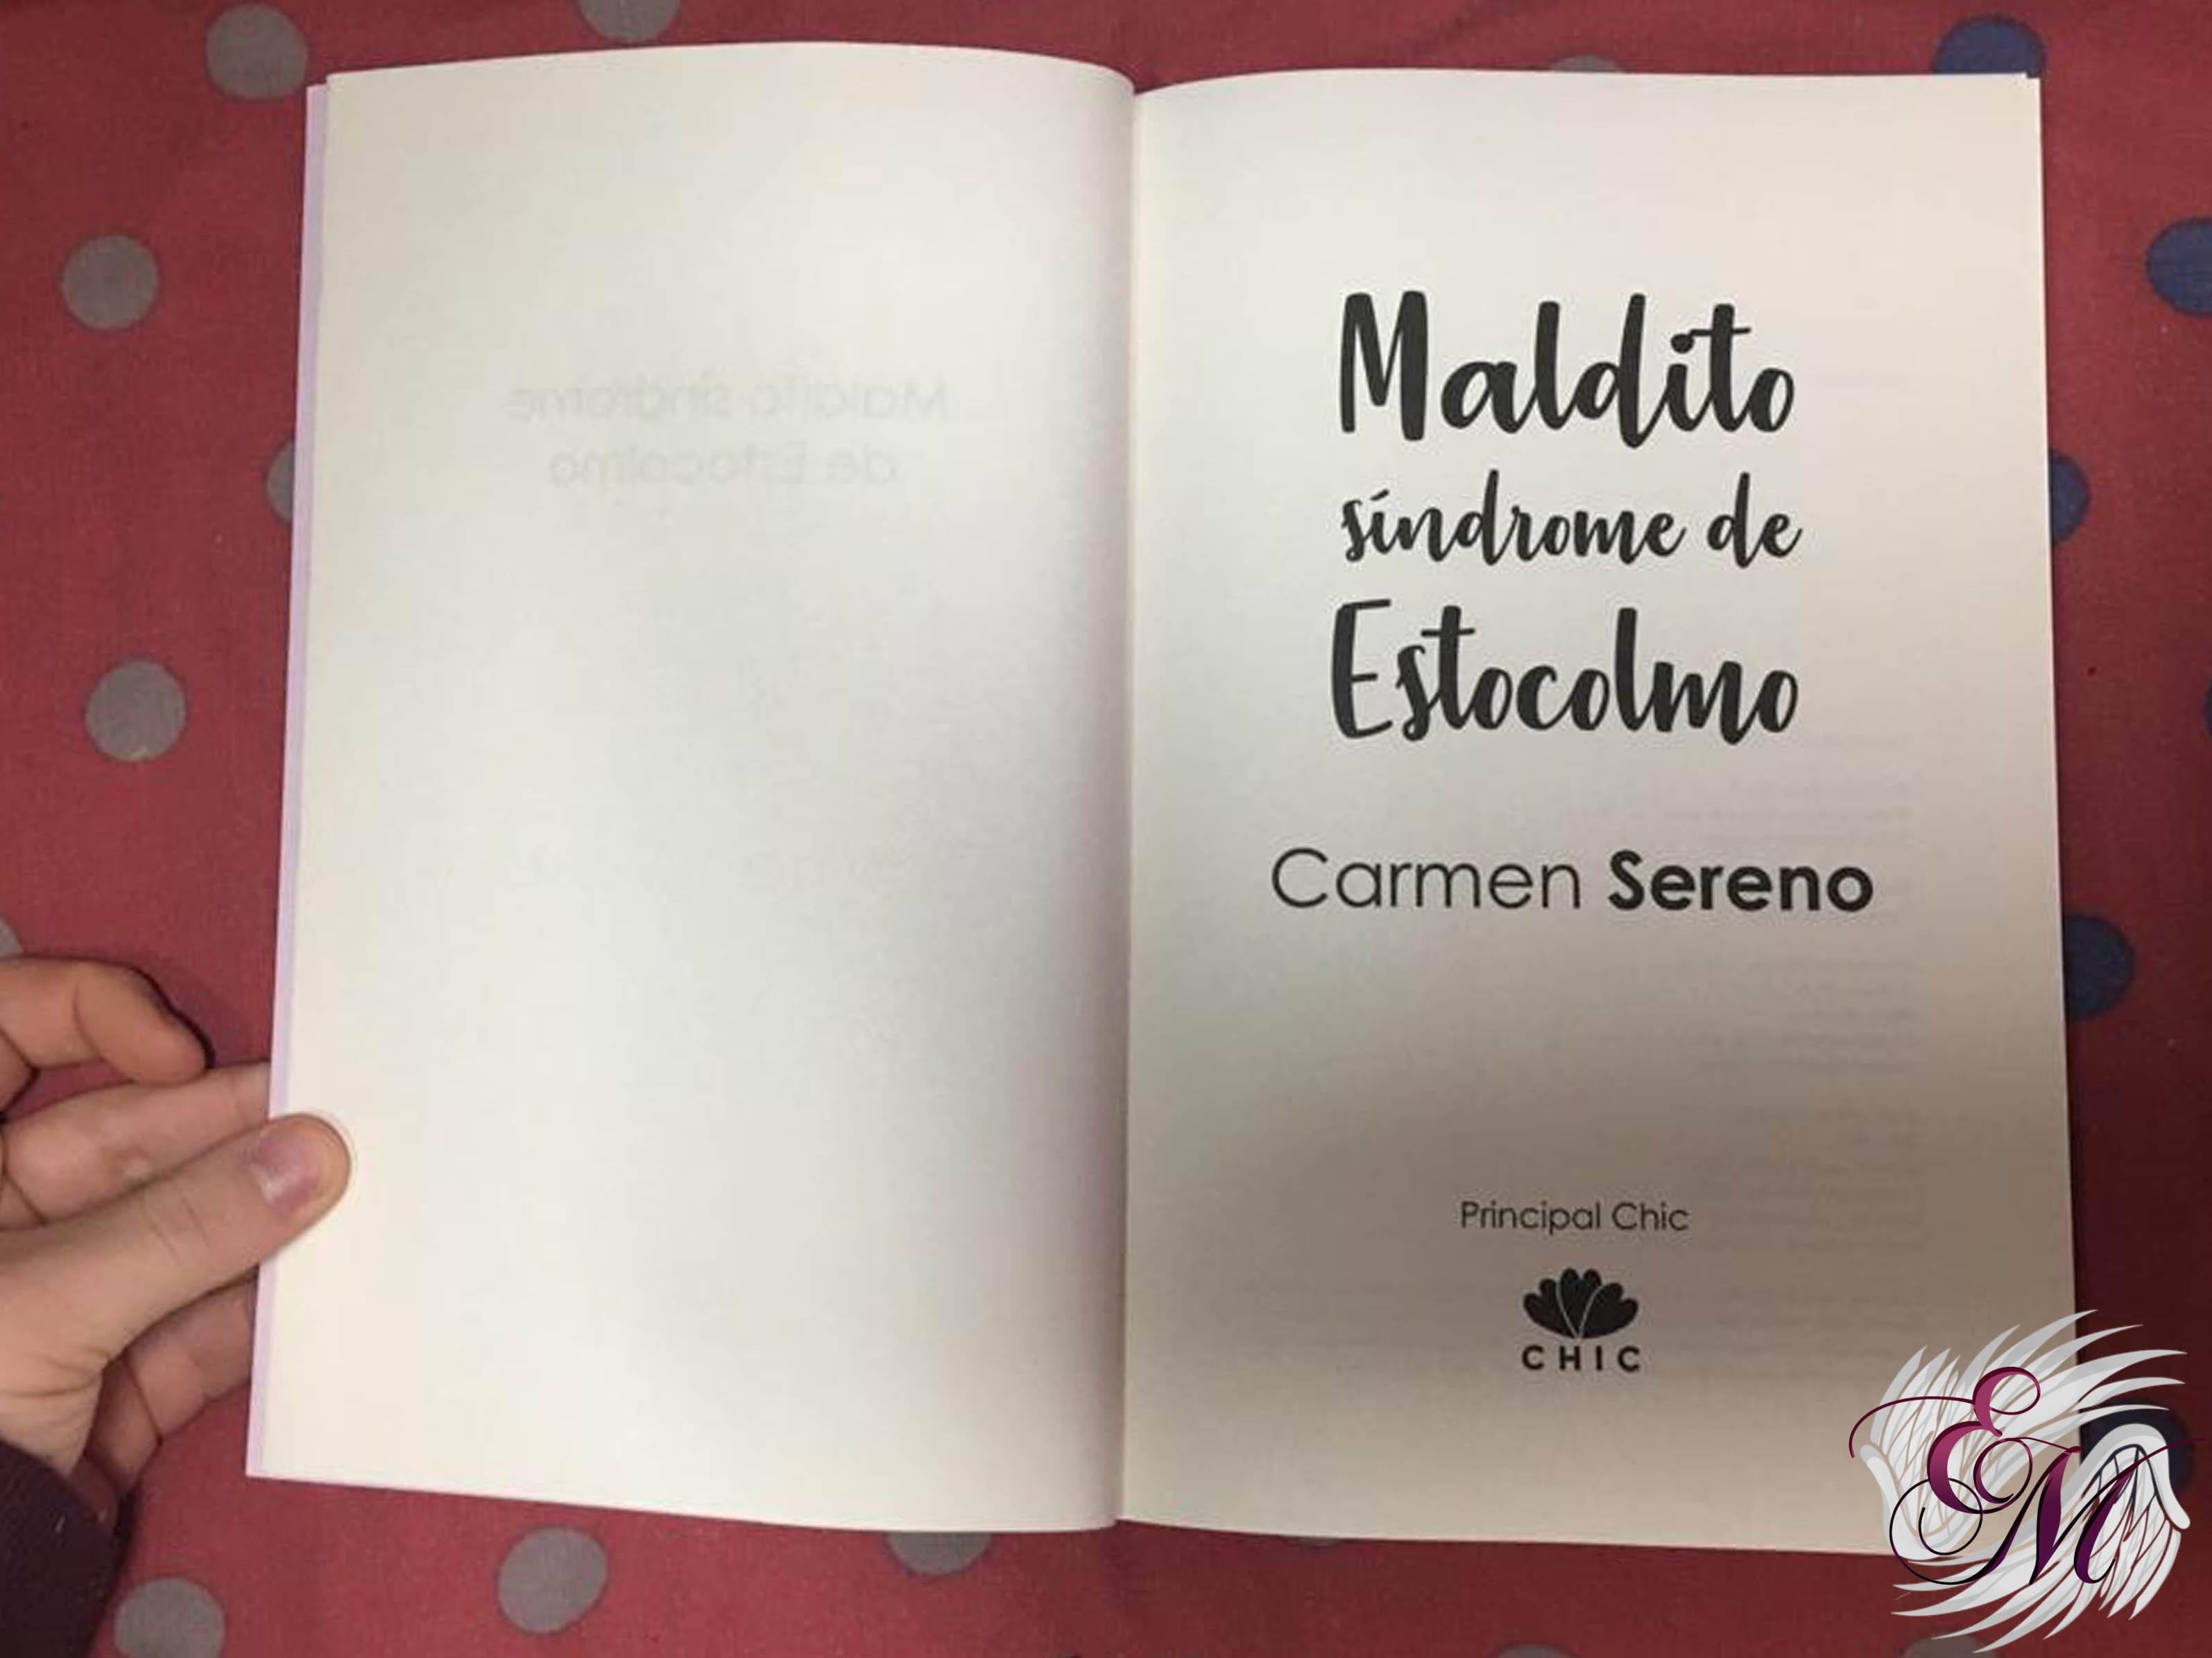 Maldito síndrome de Estocolmo, de Carmen Sereno - Reseña